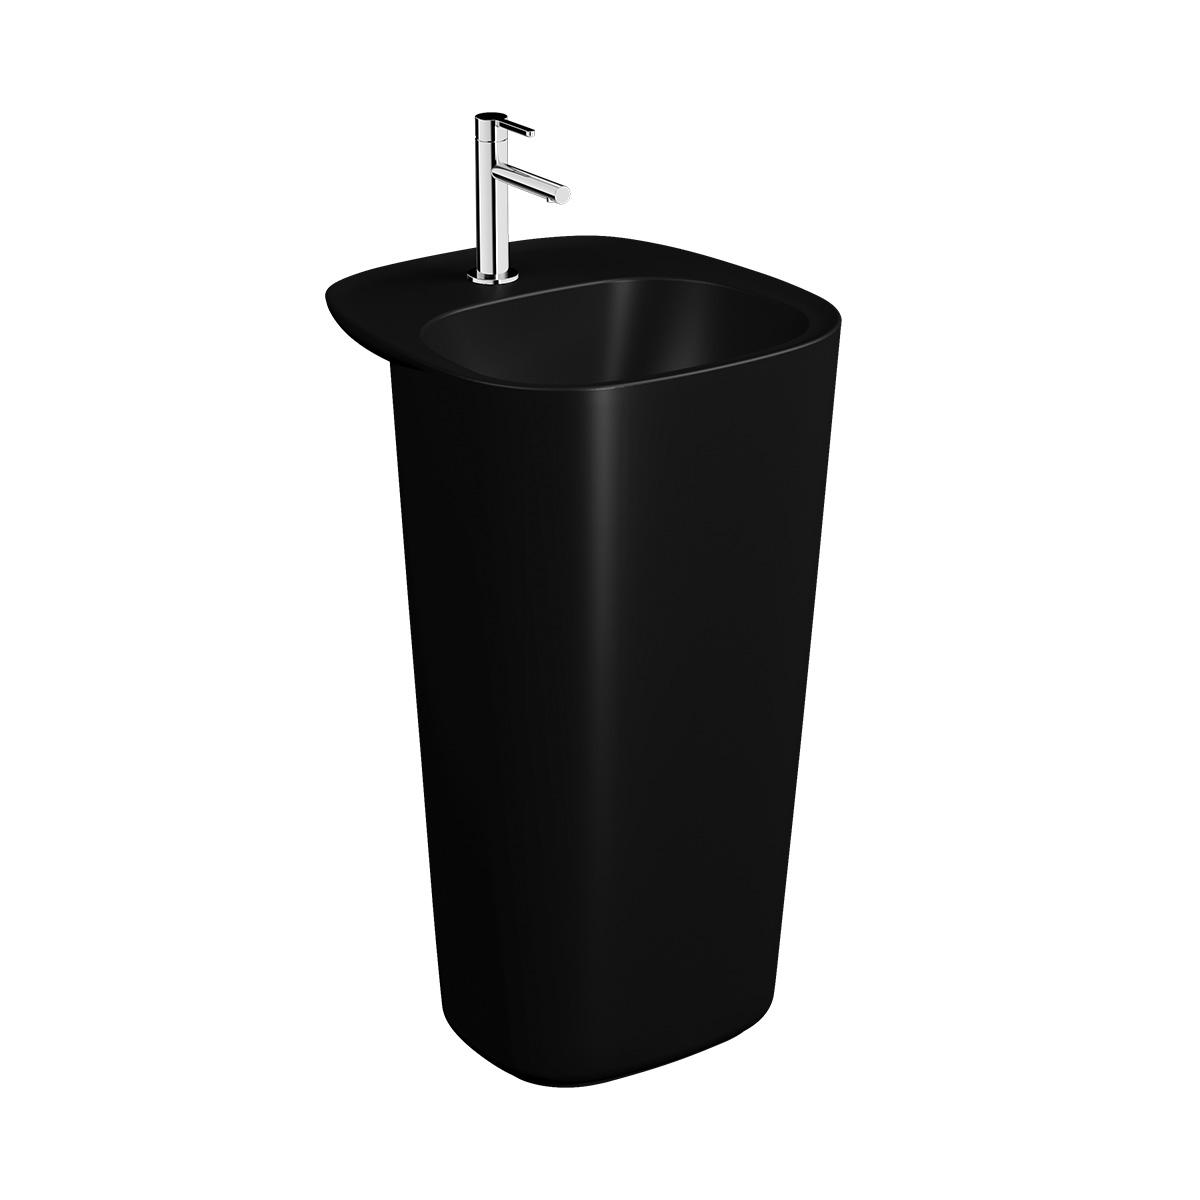 Plural Monoblock Waschtisch mit Überlaufloch, Schwarz Matt